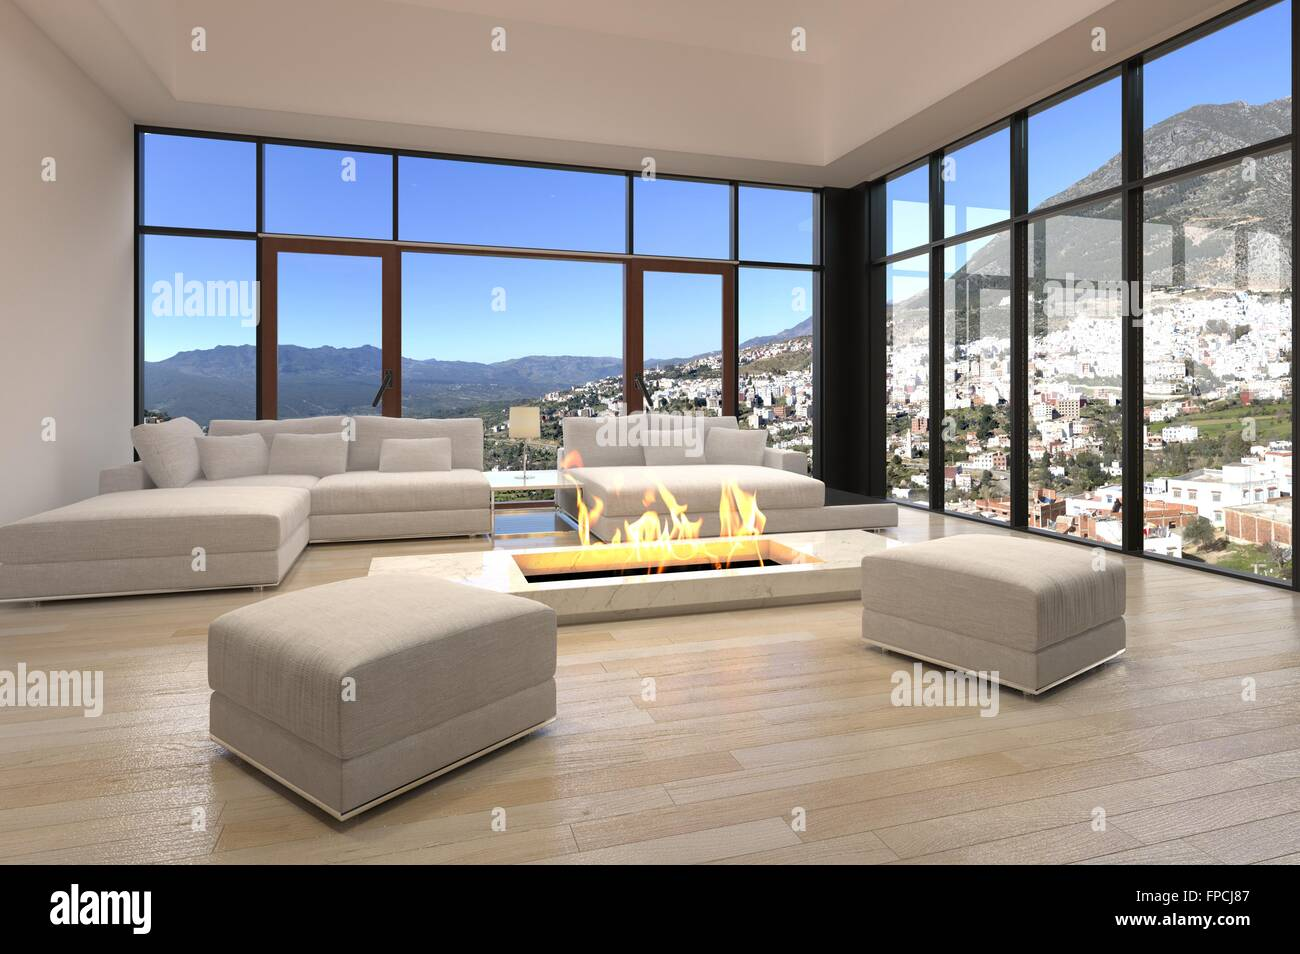 Sedie Bianche Design : Architettura interior design camino centrale in elegante soggiorno